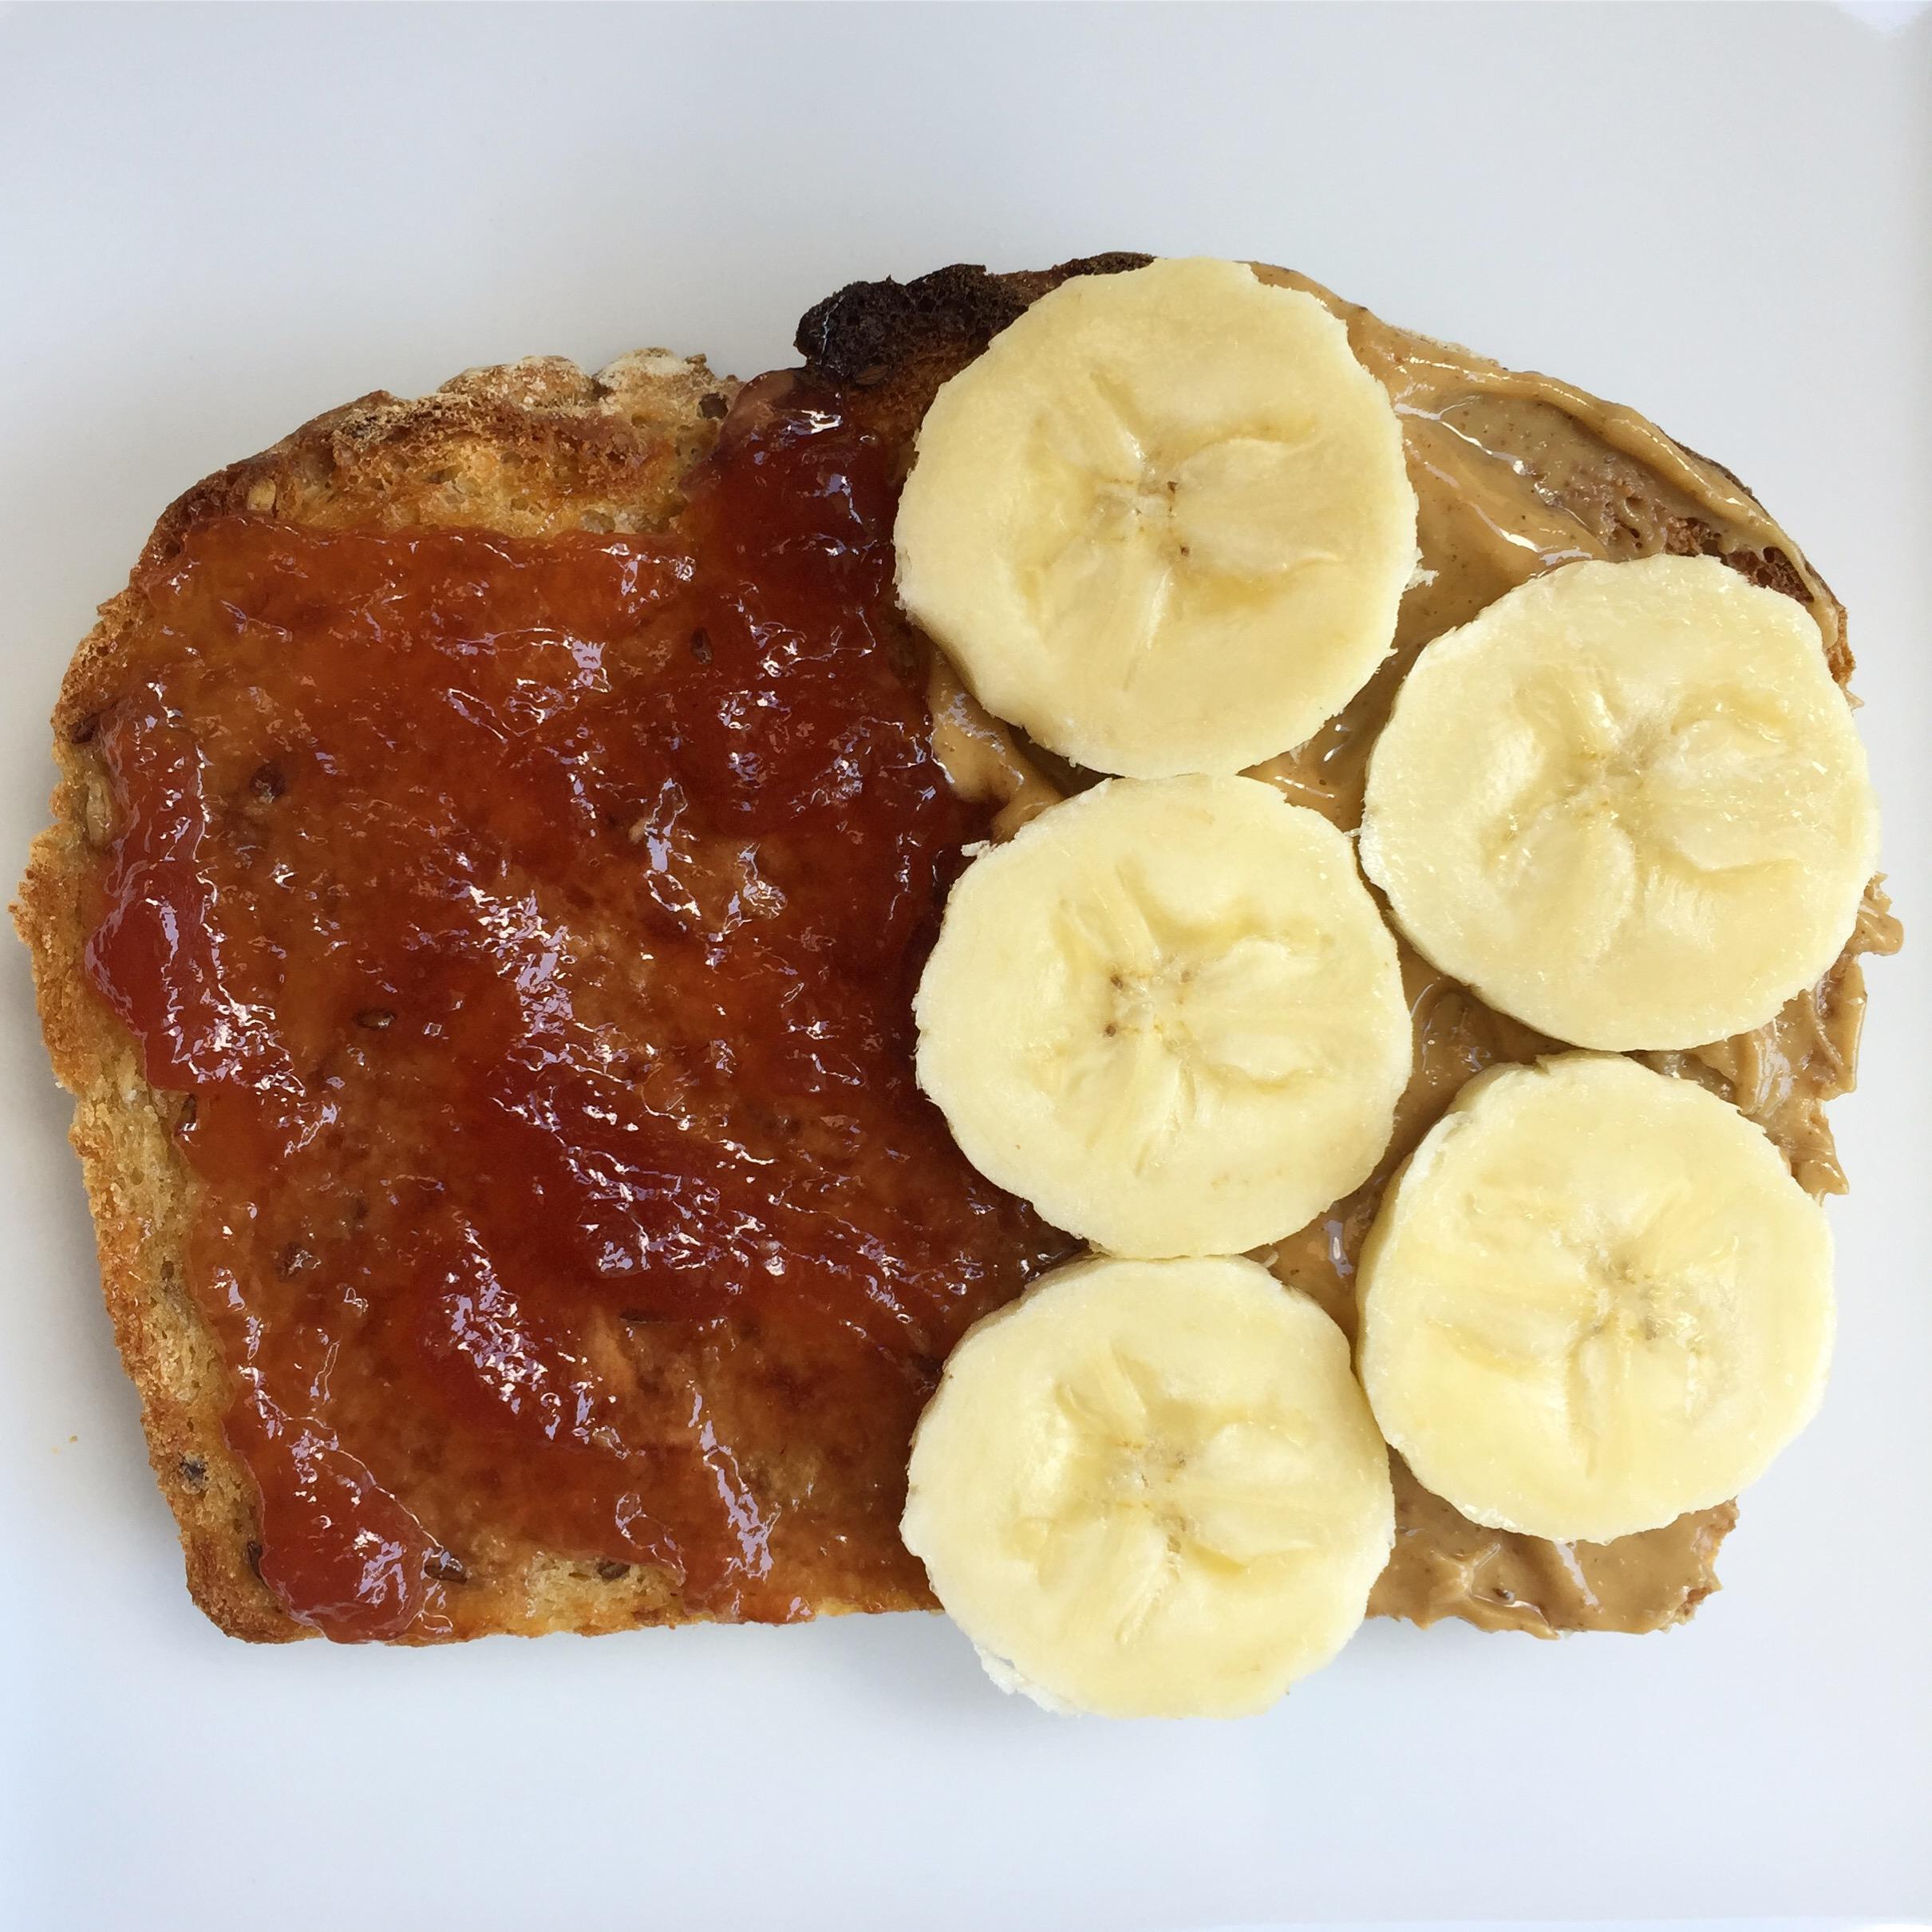 1/2 butter + strawberry jelly // 1/2 Wildfriends Peanut Cashew Superbutter + banana